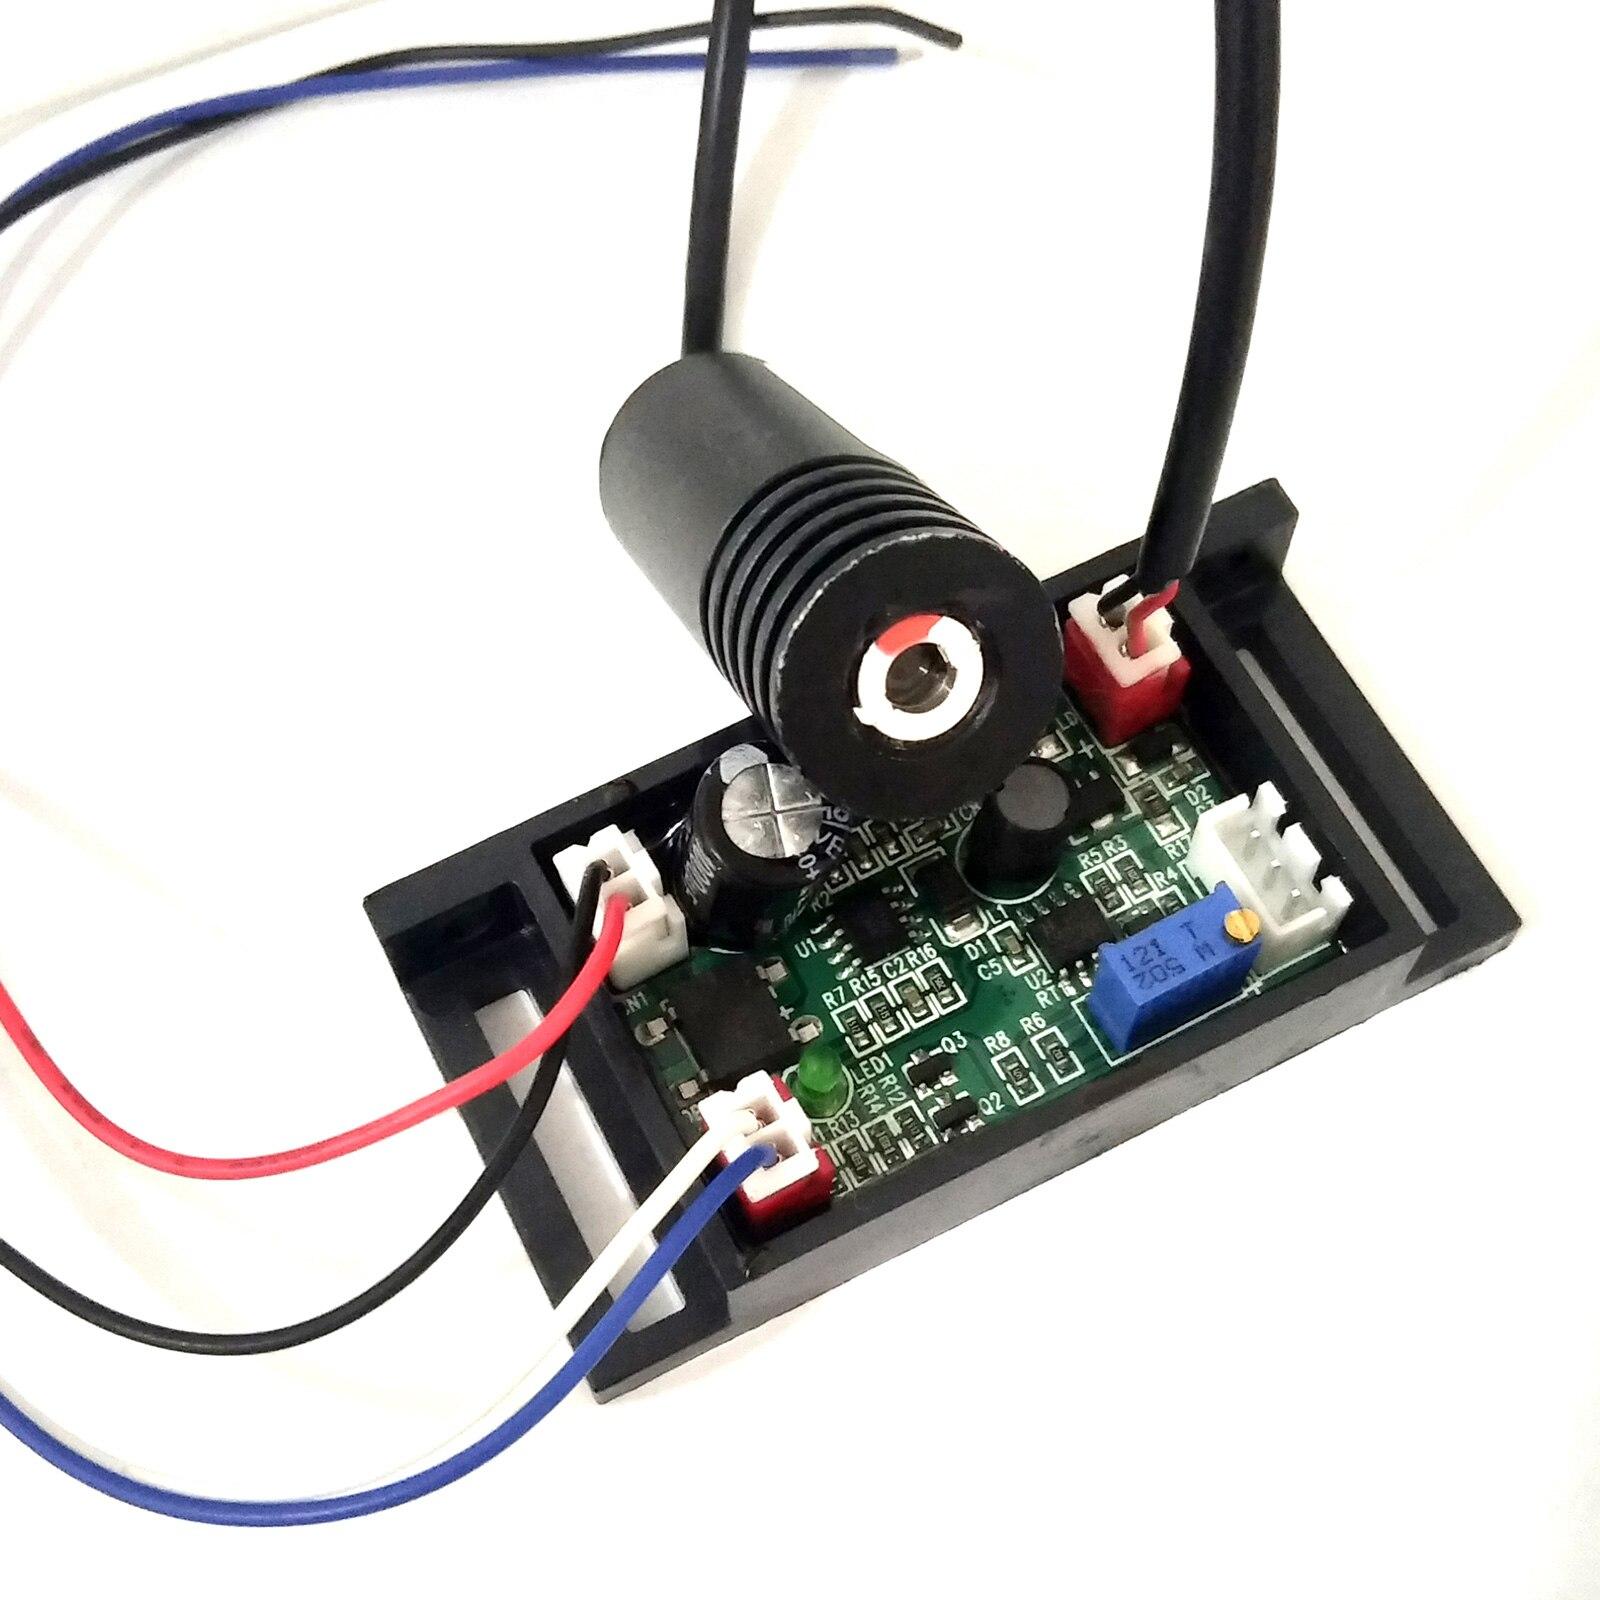 405 нм 100 мВт фиолетовый% 2F фиолетовый синий точка лазер модуль 18x45 мм w +% 2F TTL +% 26 DC12V драйвер